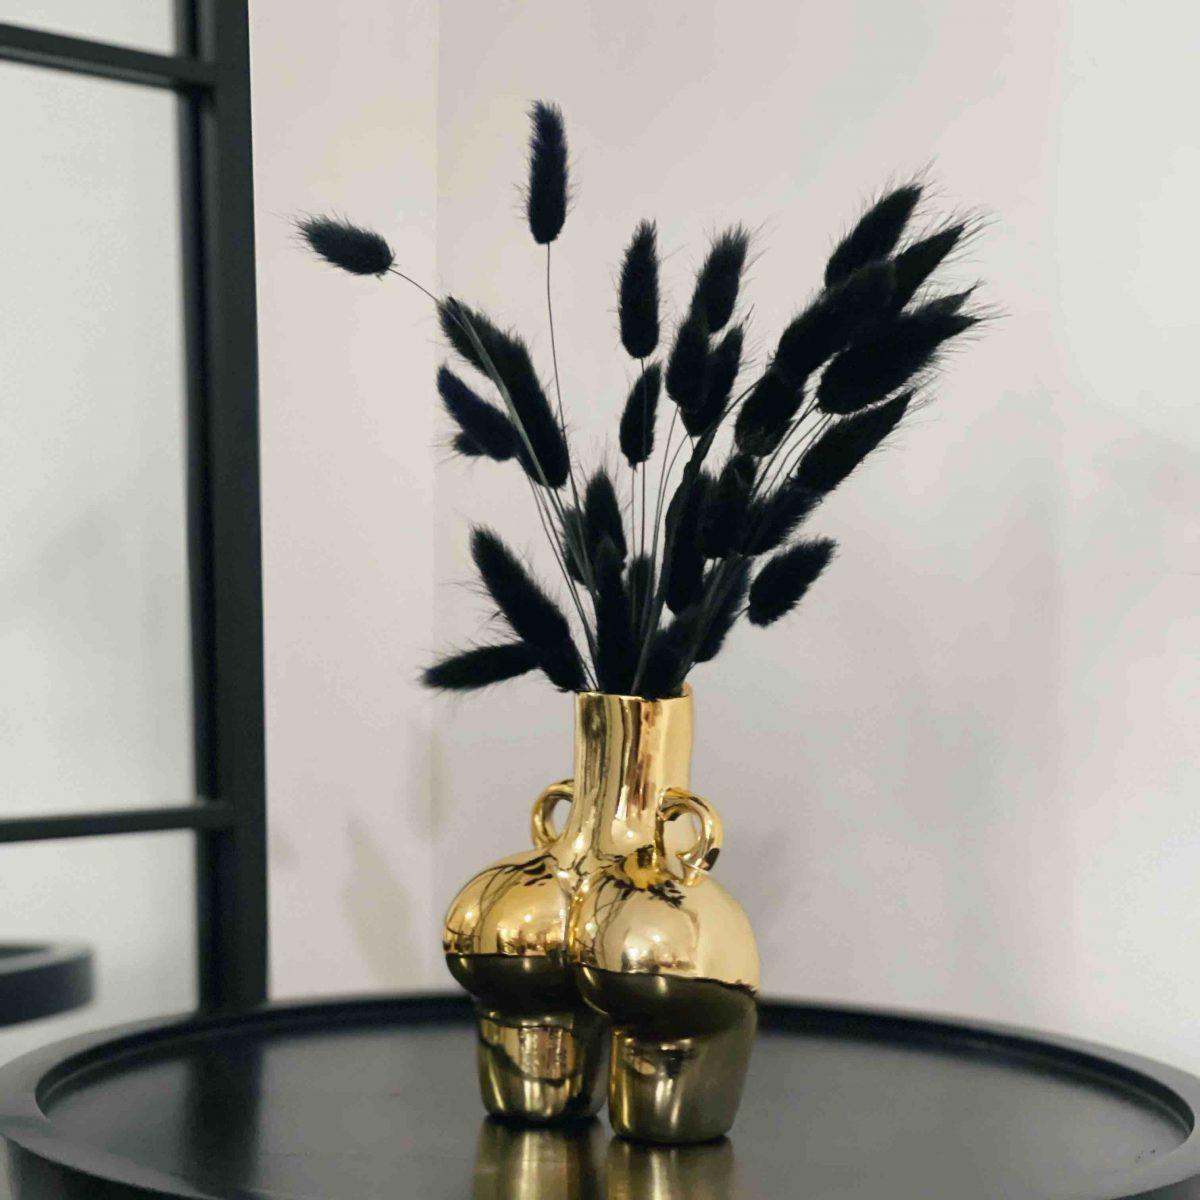 gold vase, gold bum vase, booty vase, peachy vase, black bunny tails, female body vase